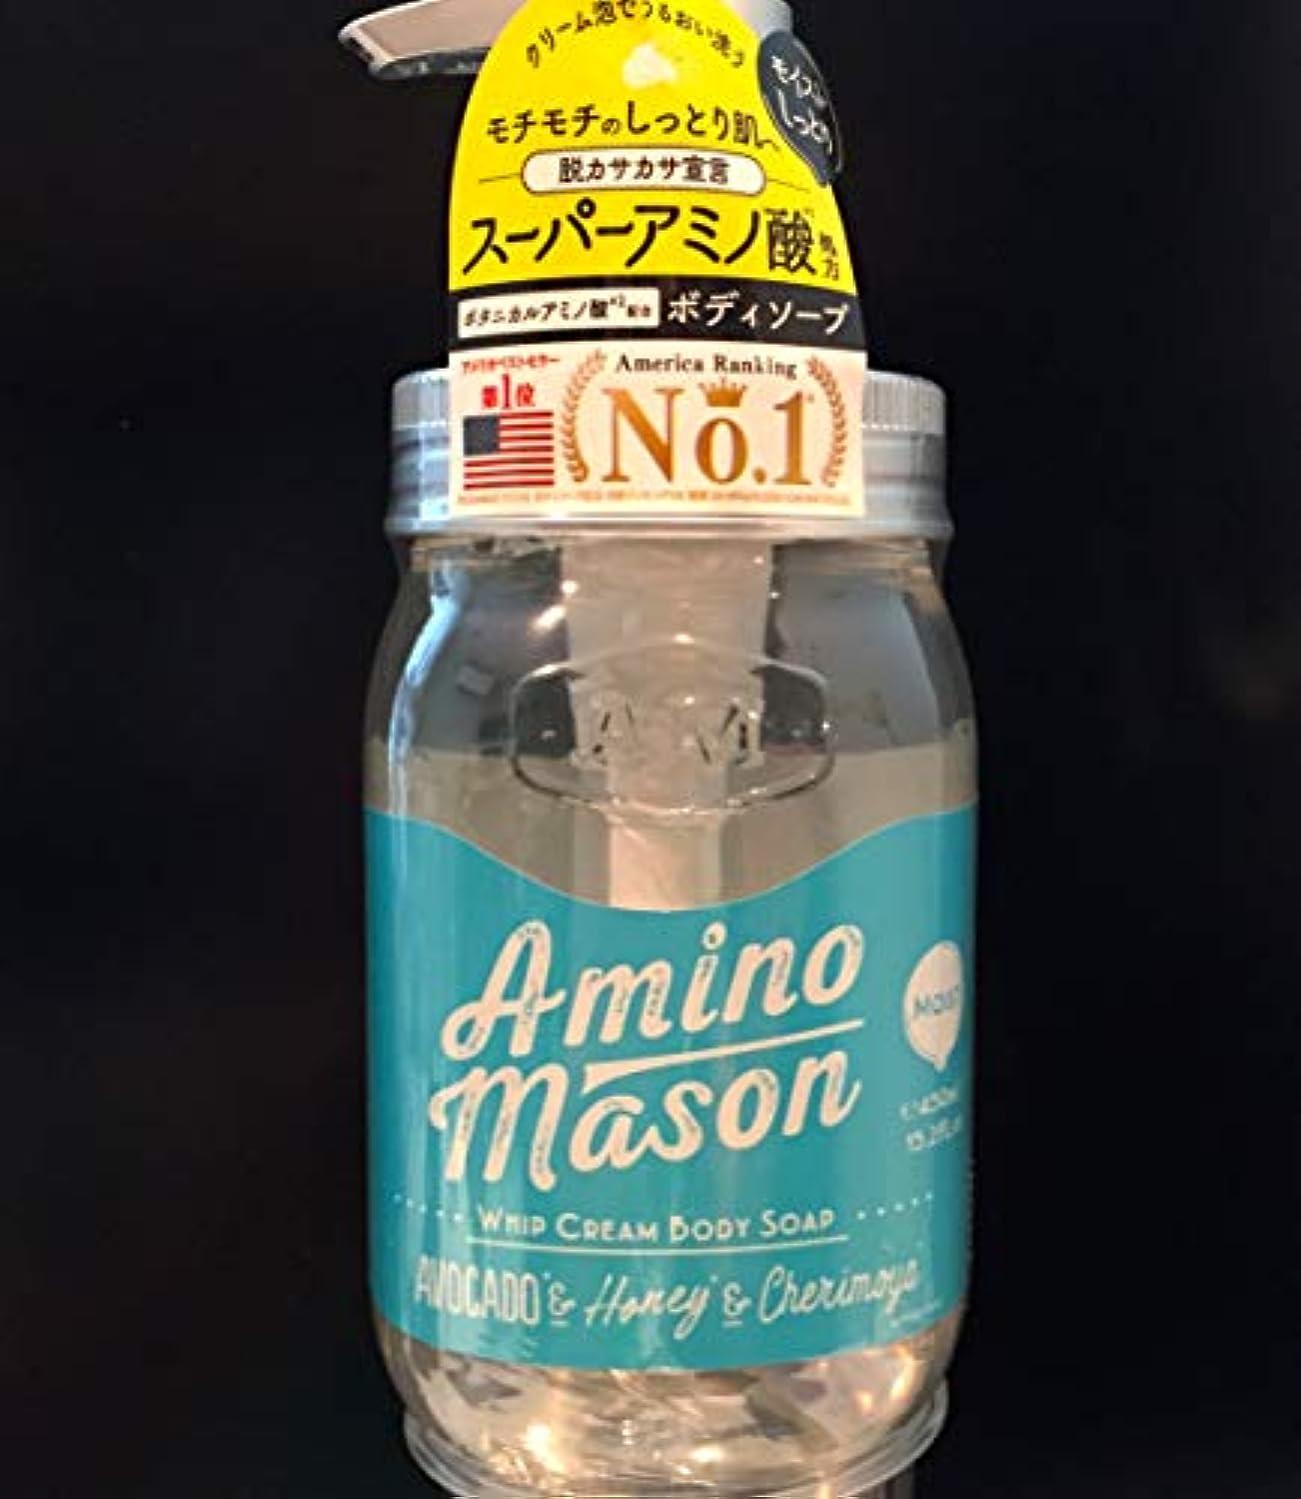 ずるい特徴巨人アミノメイソン ホイップクリーム ボディソープ モイスト(クラシックローズブーケの香)